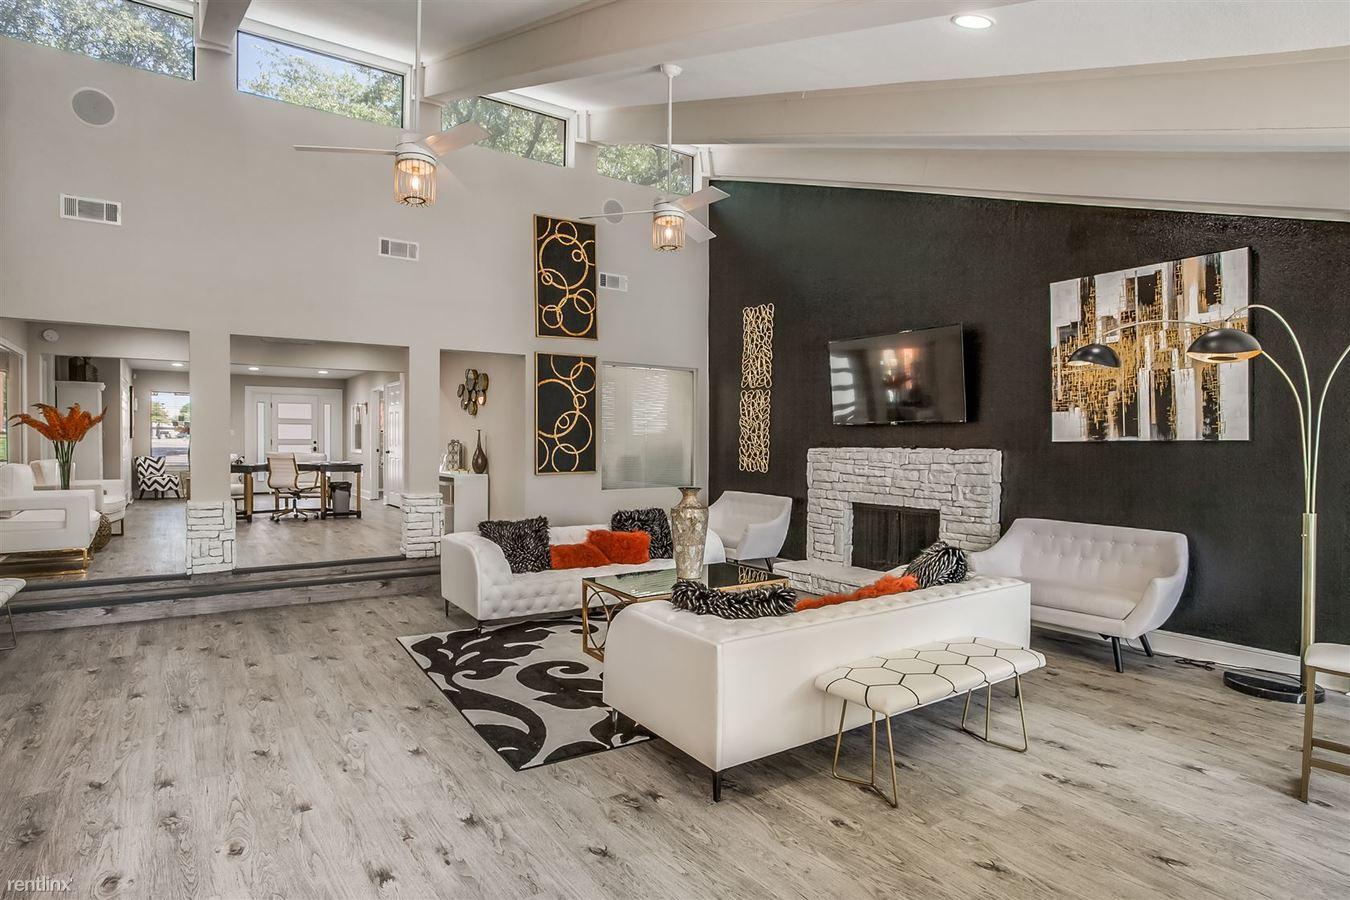 The Brooklyn At 9670 Apartments Dallas, TX